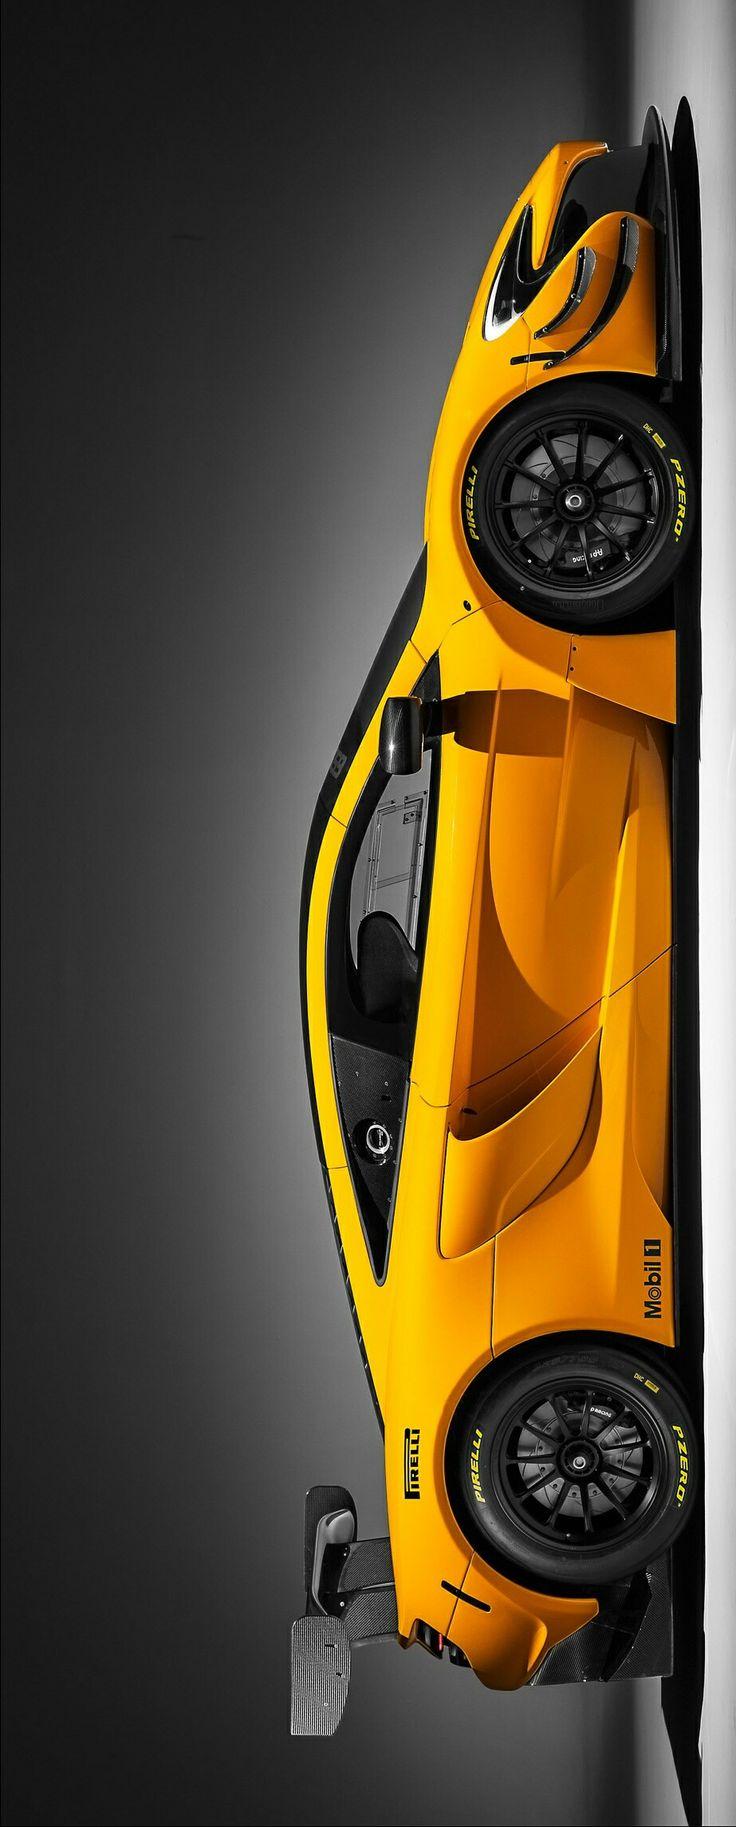 (°!°) 2016 McLaren 650S GT3